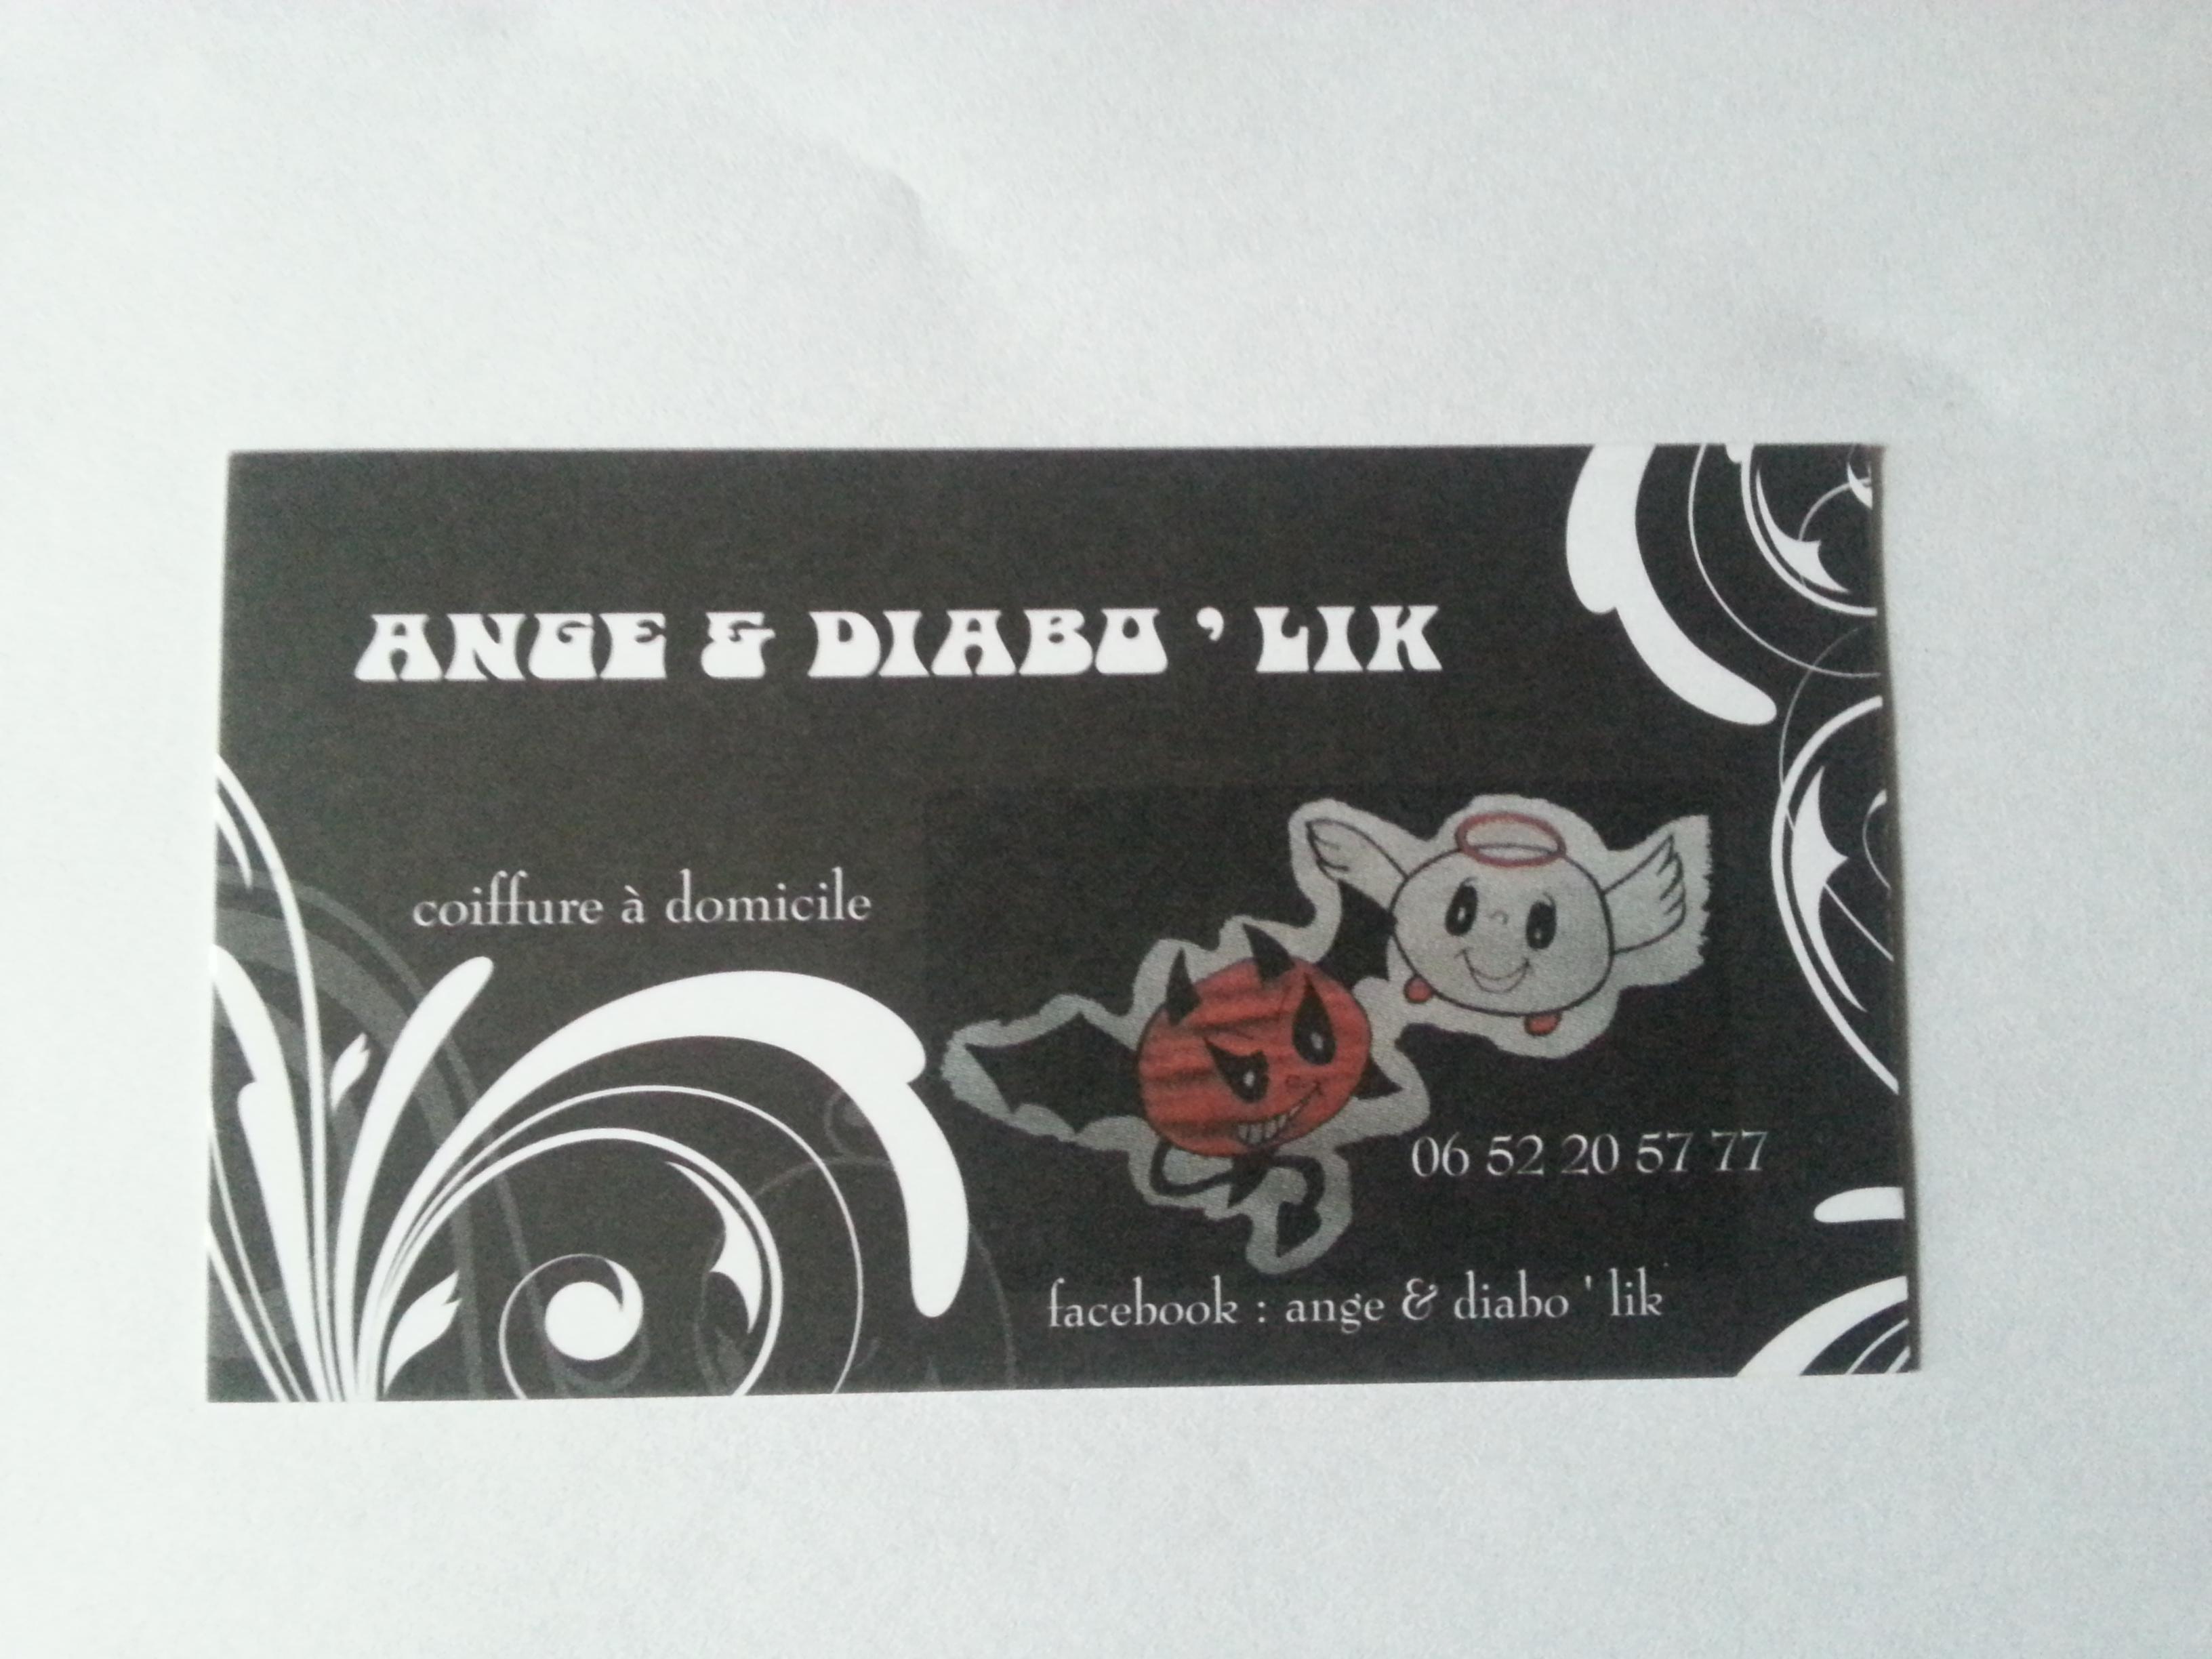 Ange & diabo'lik